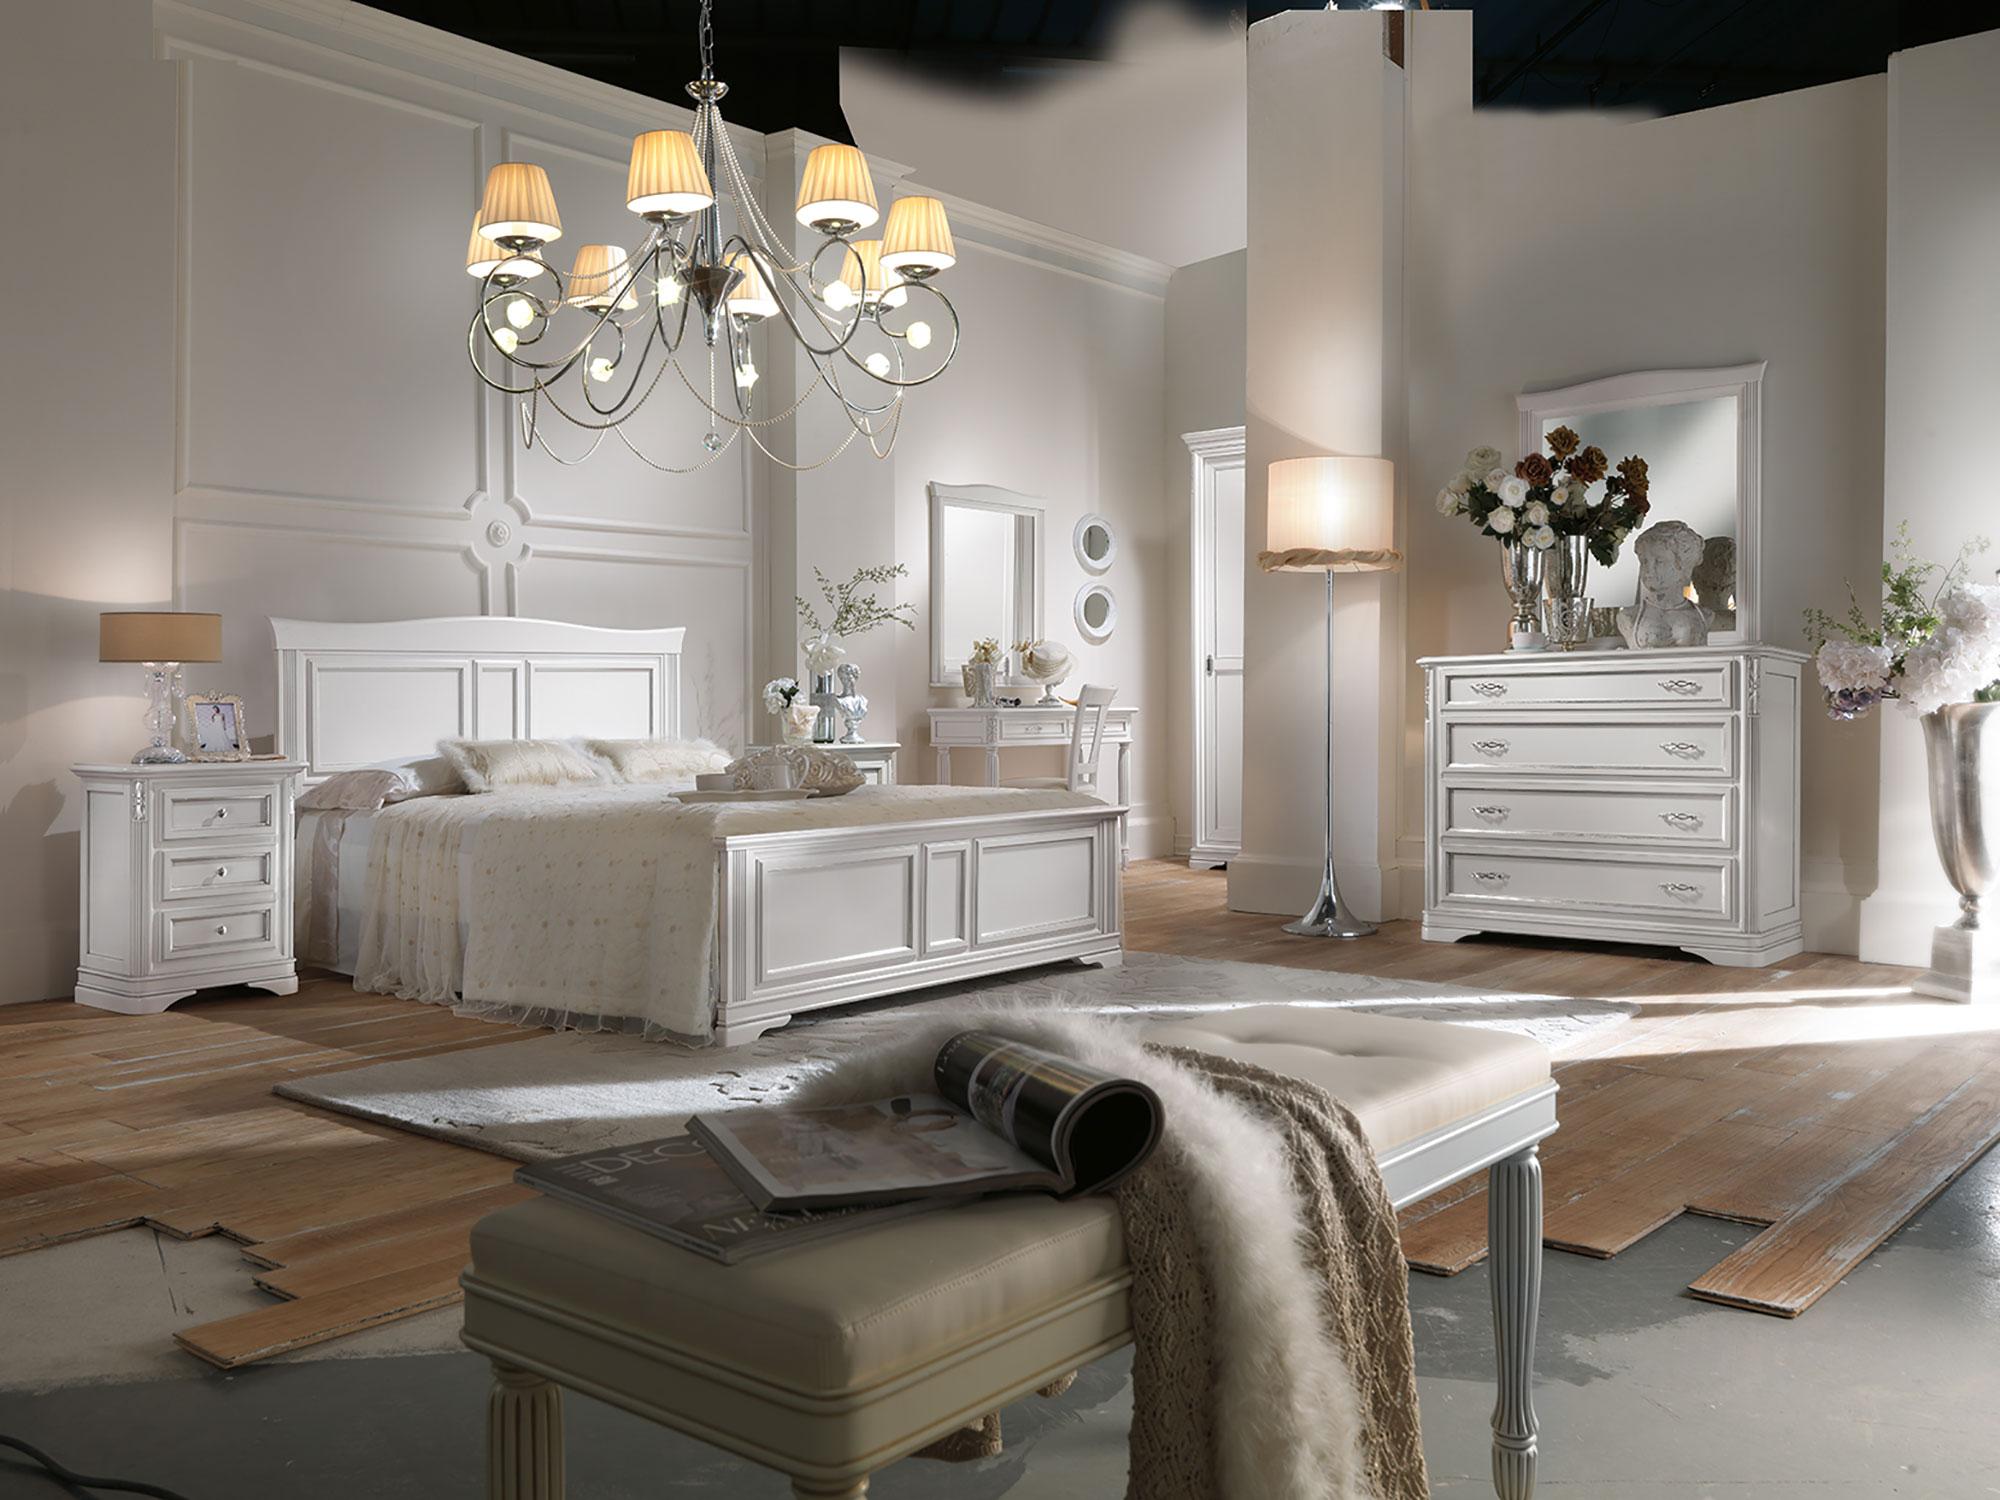 Camera da letto completa di letto matrimoniale, comò, comodini, panchetta, consolle e specchiera in finitura laccato bianco per rendere il tuo ambiente accogliente e luminoso